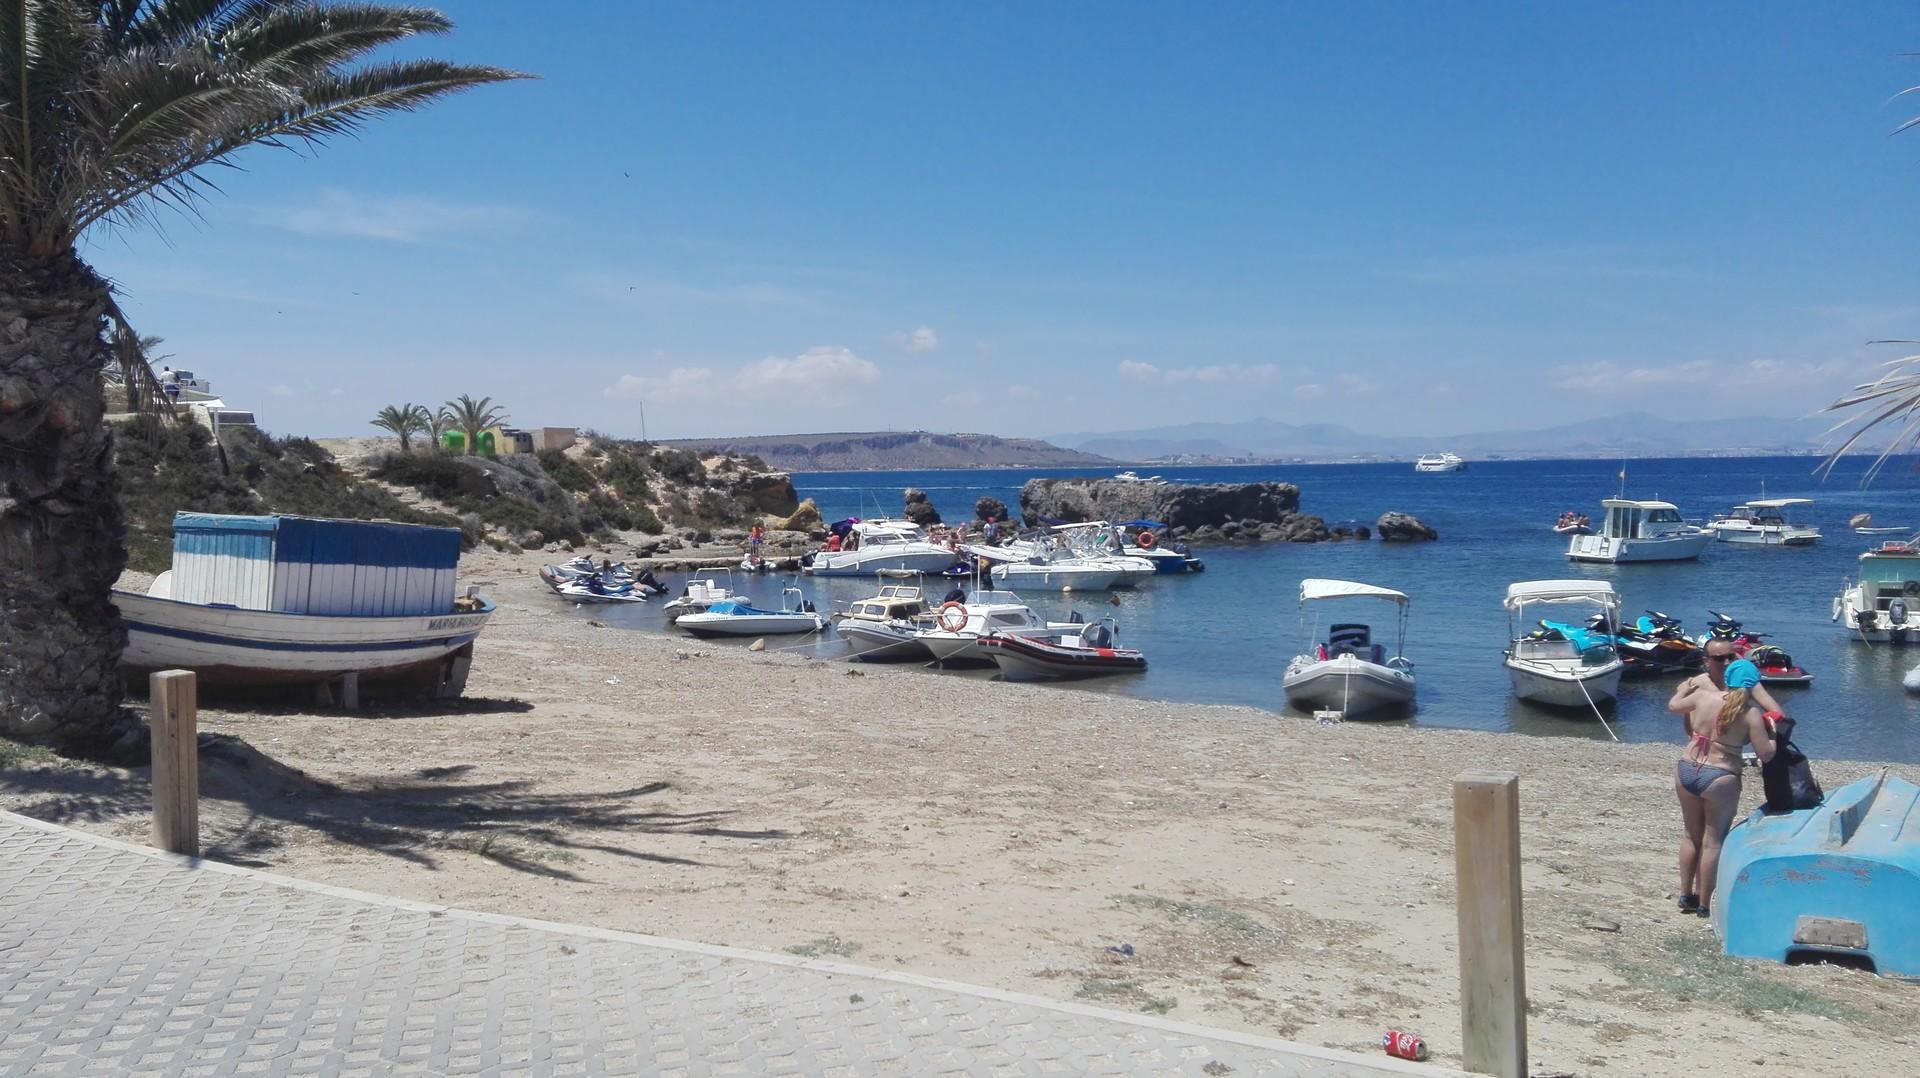 Isla de tabarca qu hacer en alicante - Residencial isla tabarca ...